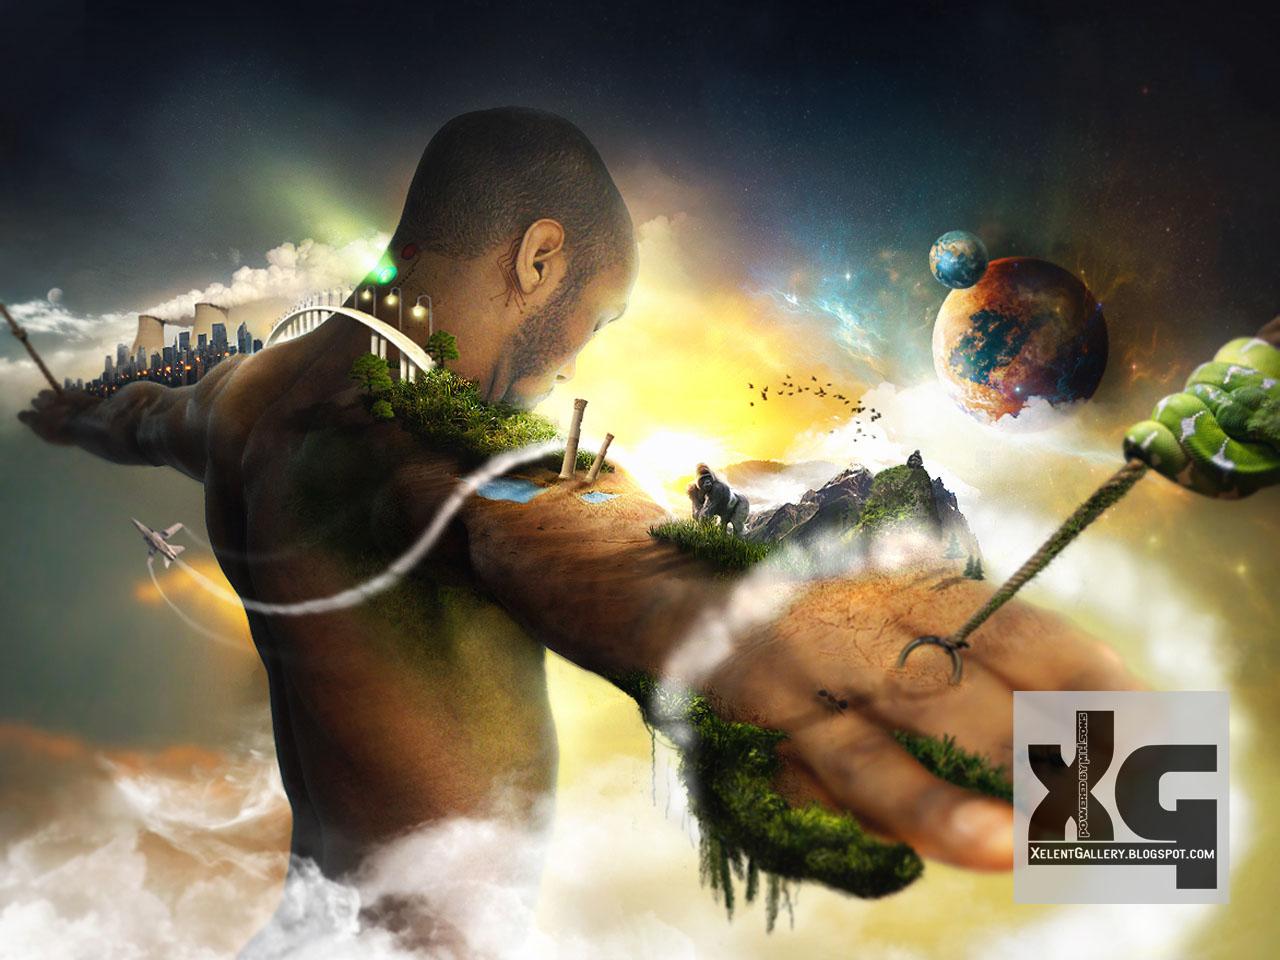 http://1.bp.blogspot.com/-vhUXyk2A9aY/UJgvQbXxYNI/AAAAAAAAAtc/bNNIYeVCT4Y/s1600/Magical+World+HD+Wallpapers+Pack+%5BXelent+Gallery%5D+(12).JPG